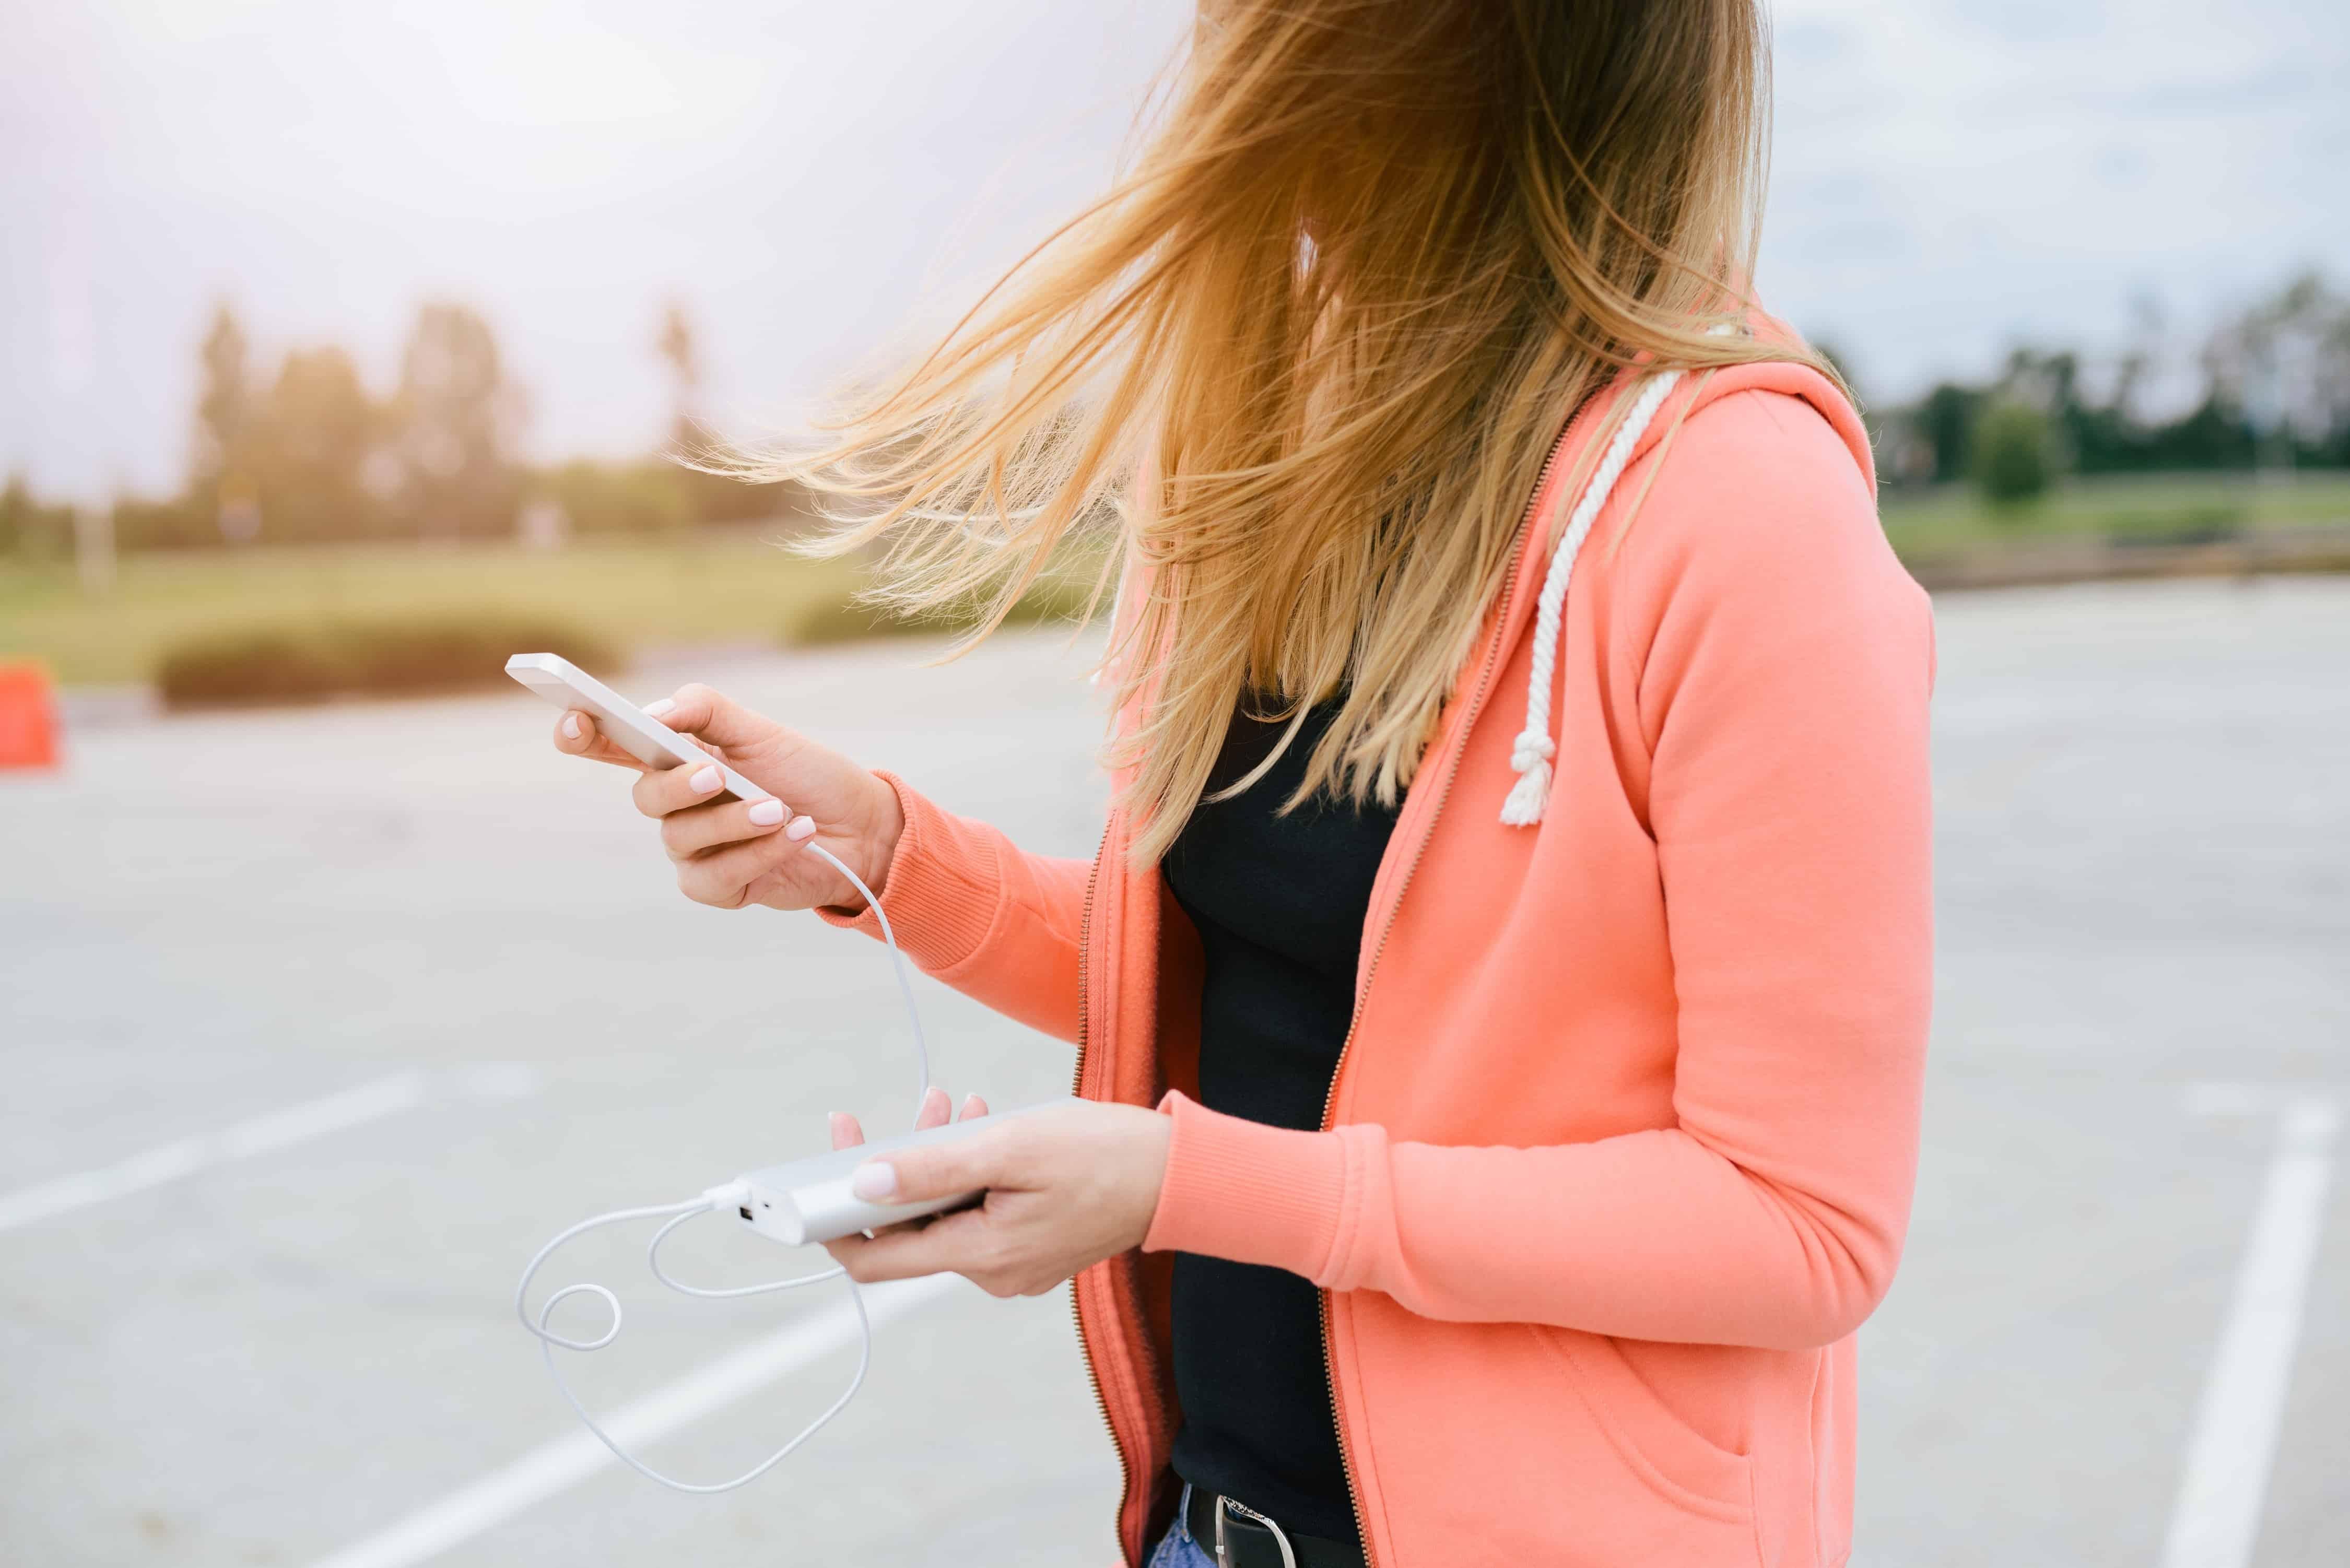 Mulher segurando um carregador portátil na rua